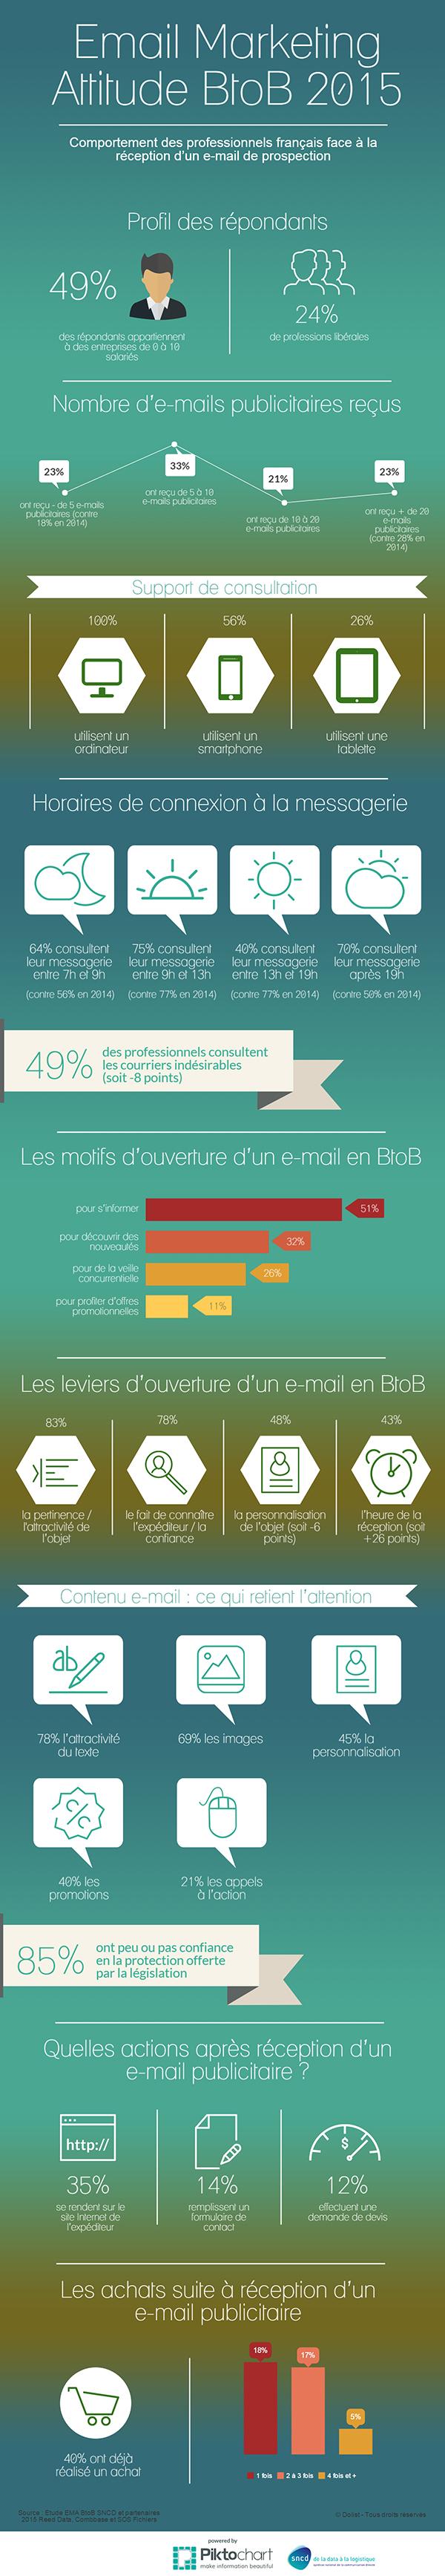 infographie Dolist sur l'emailing BtoB